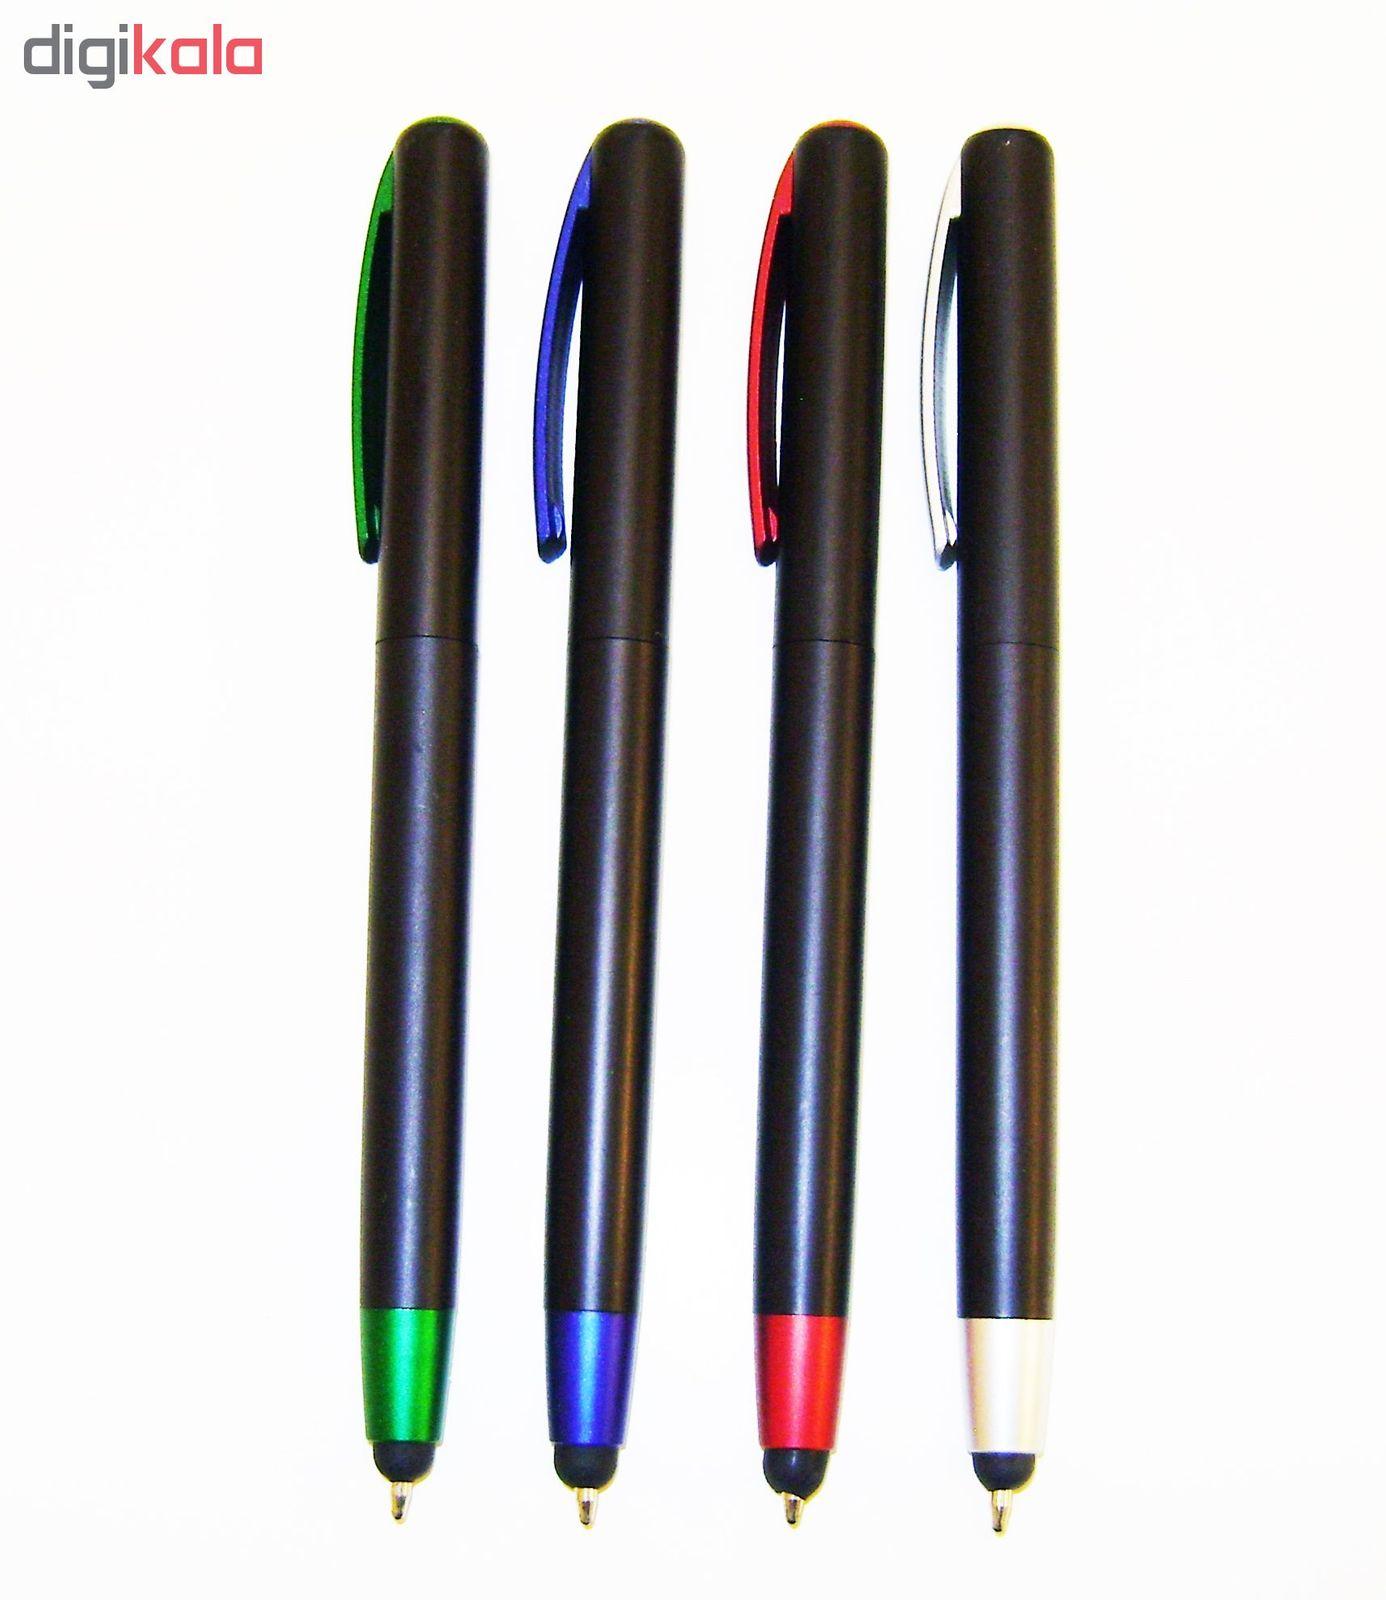 قلم لمسی  کد 4488PP main 1 2